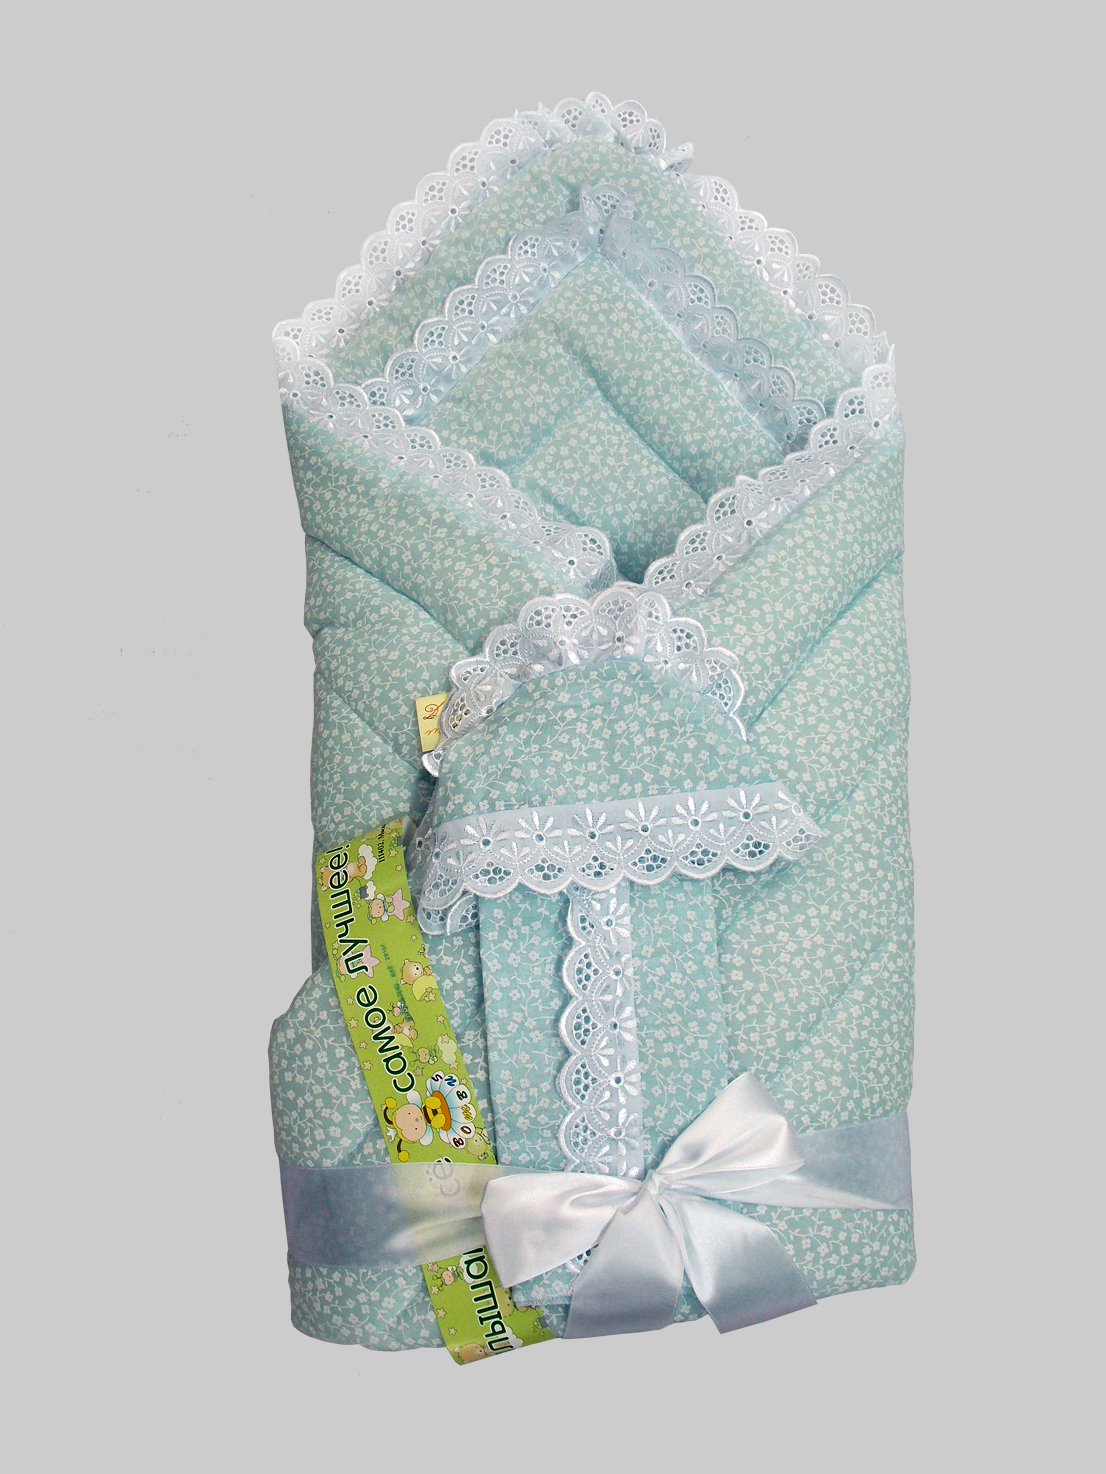 Одеяло на выписку - Фунтик, 4 предмета, голубоеКомплекты на выписку<br>Одеяло на выписку - Фунтик, 4 предмета, голубое<br>